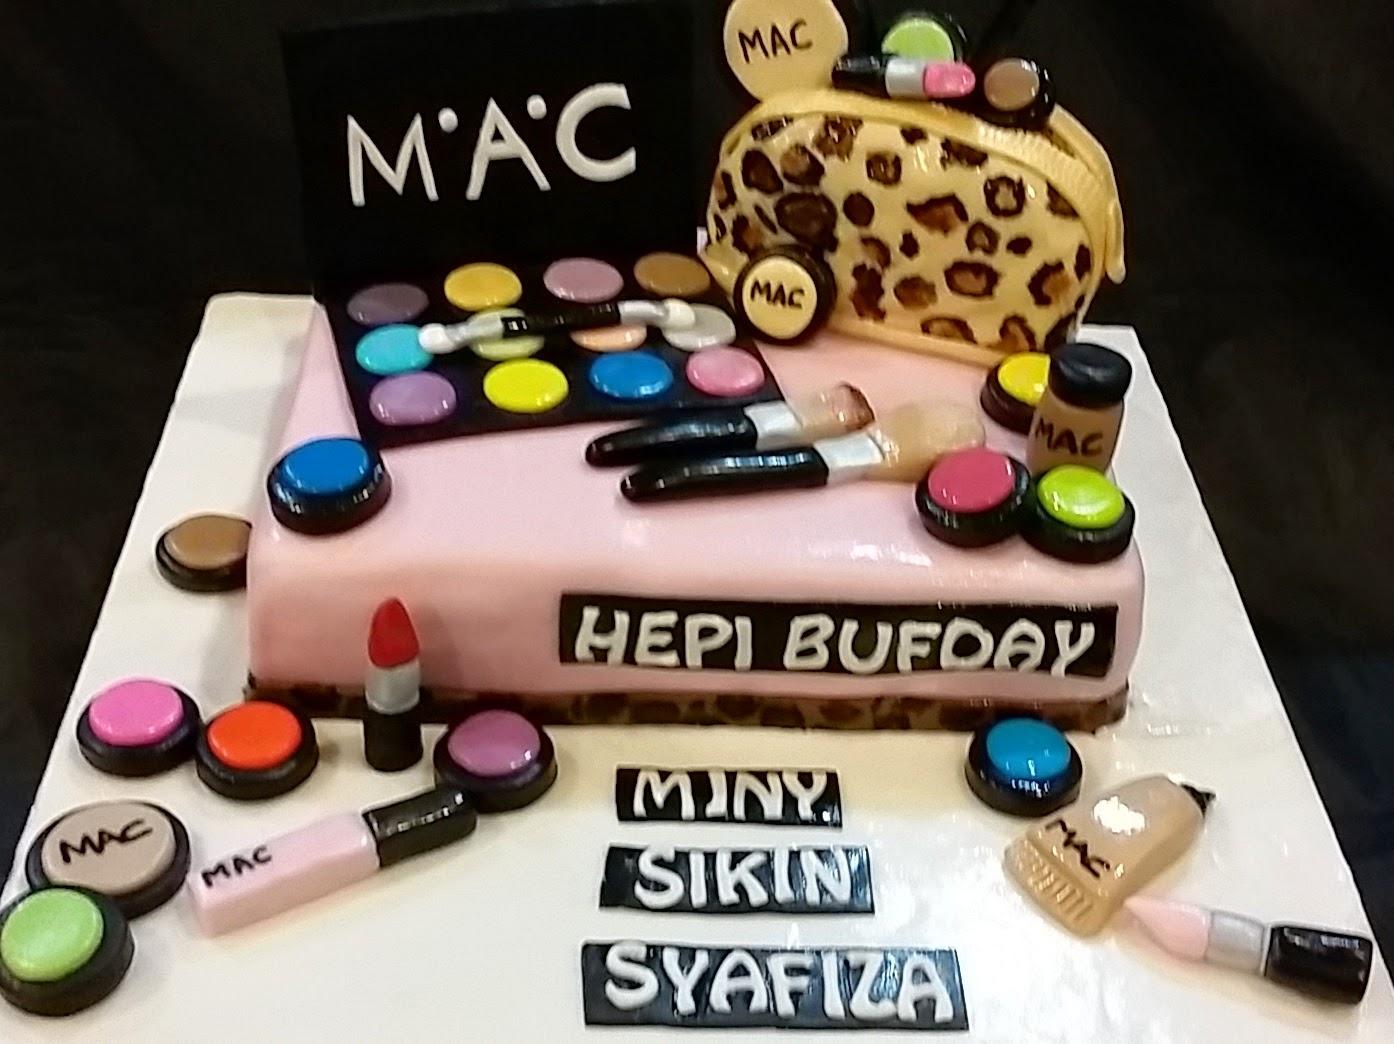 M.A.C makeup set cake